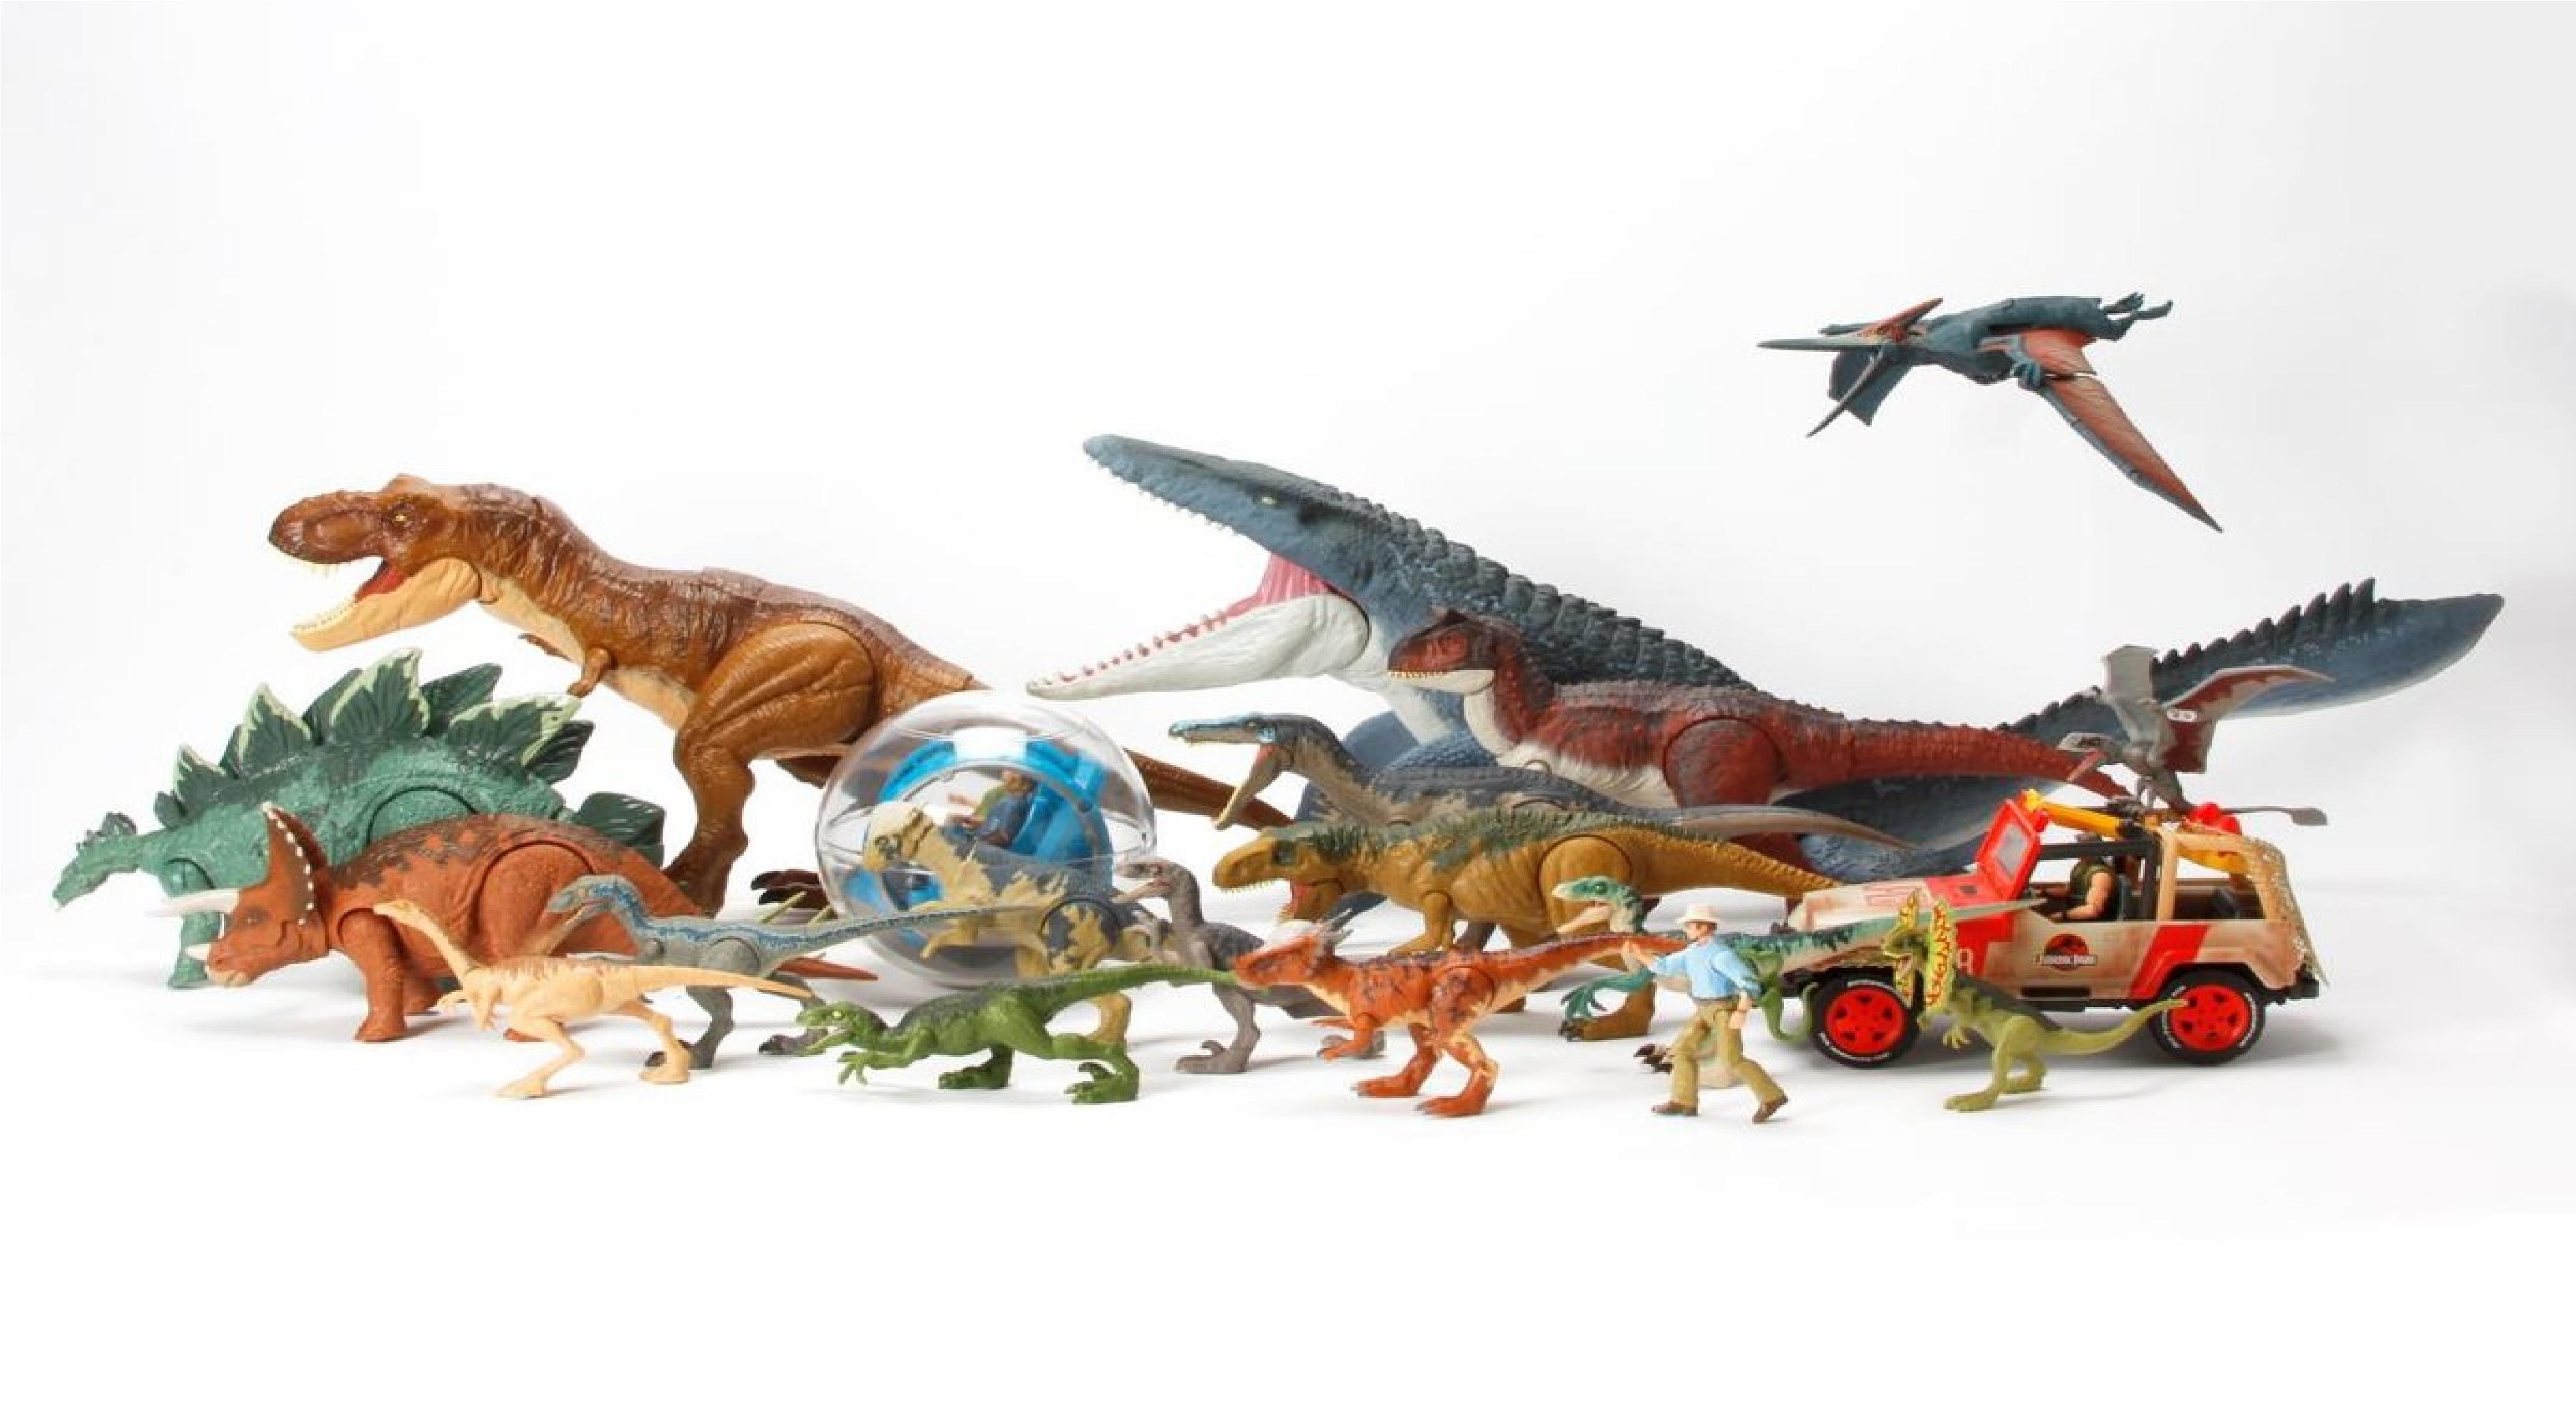 Jurassic World Fallen Kingdom Battle Damage Utahraptor Dinosaur Toy Figure T-Rex